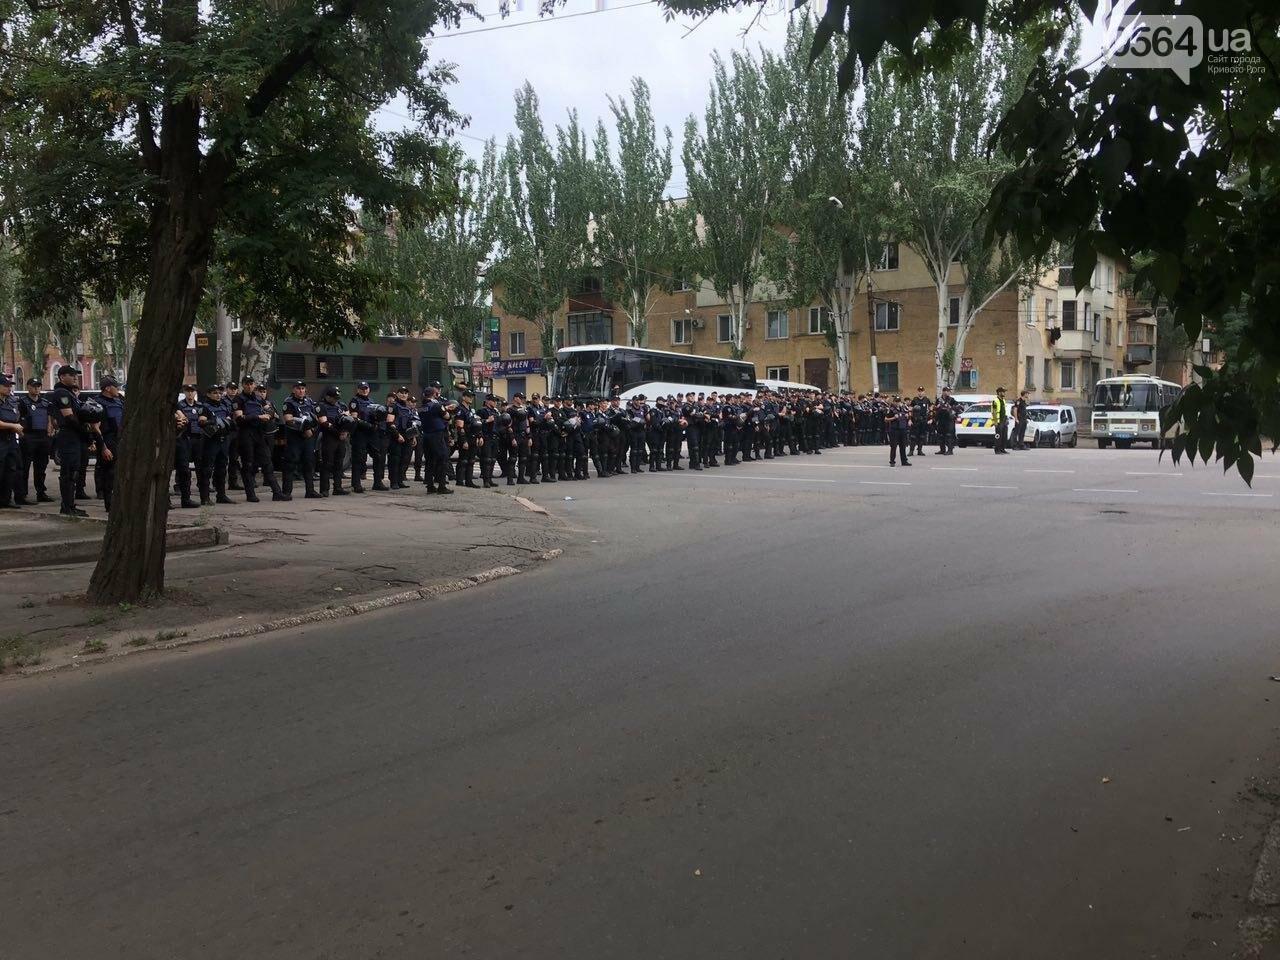 Такого Кривой Рог еще не видел: Сотни полицейских охраняли мирное шествие нескольких десятков людей, - ФОТО, фото-11